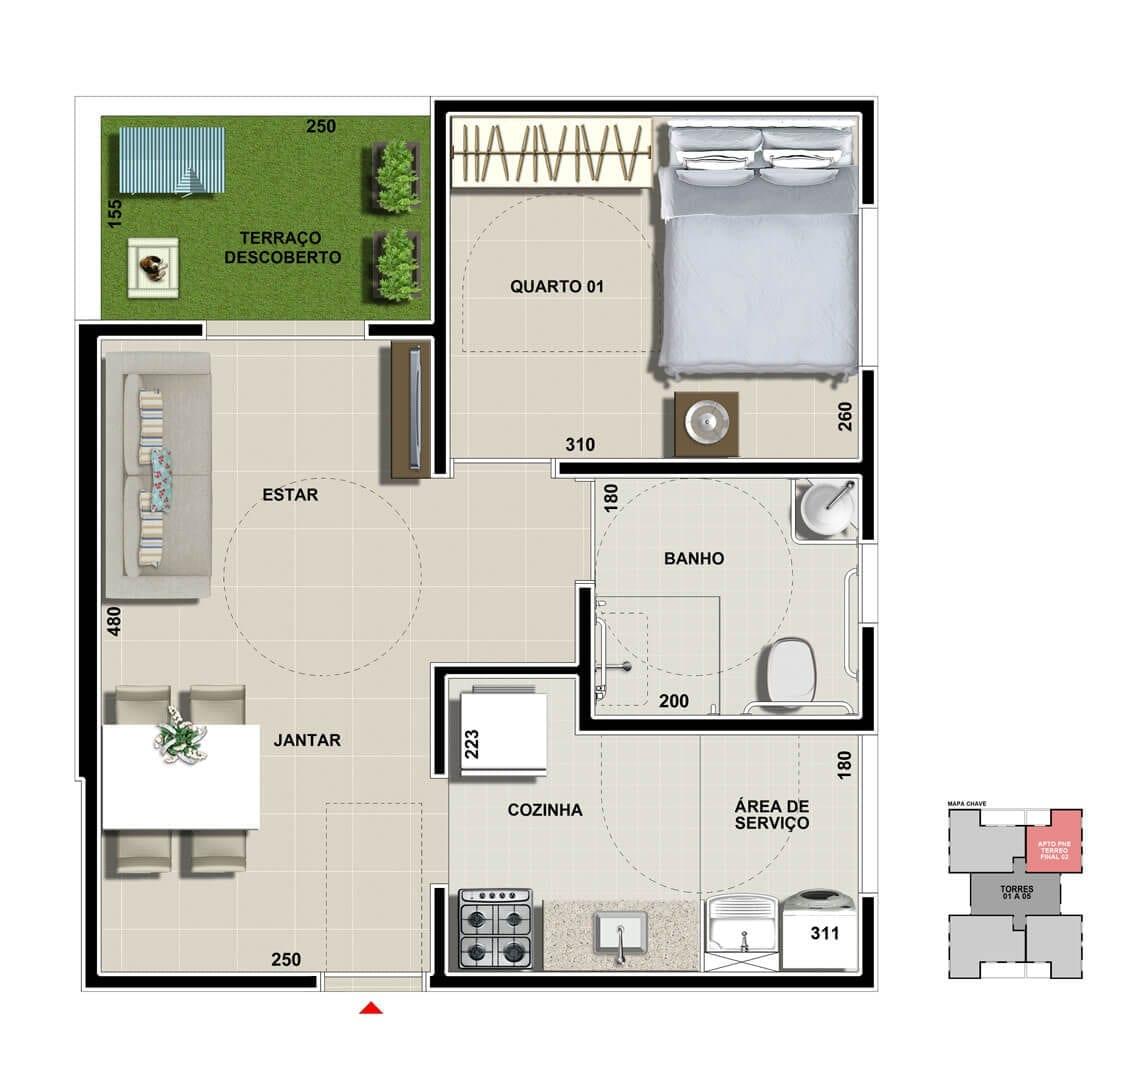 vic-engenharia-master-tower-sevilha-apartamento-pne